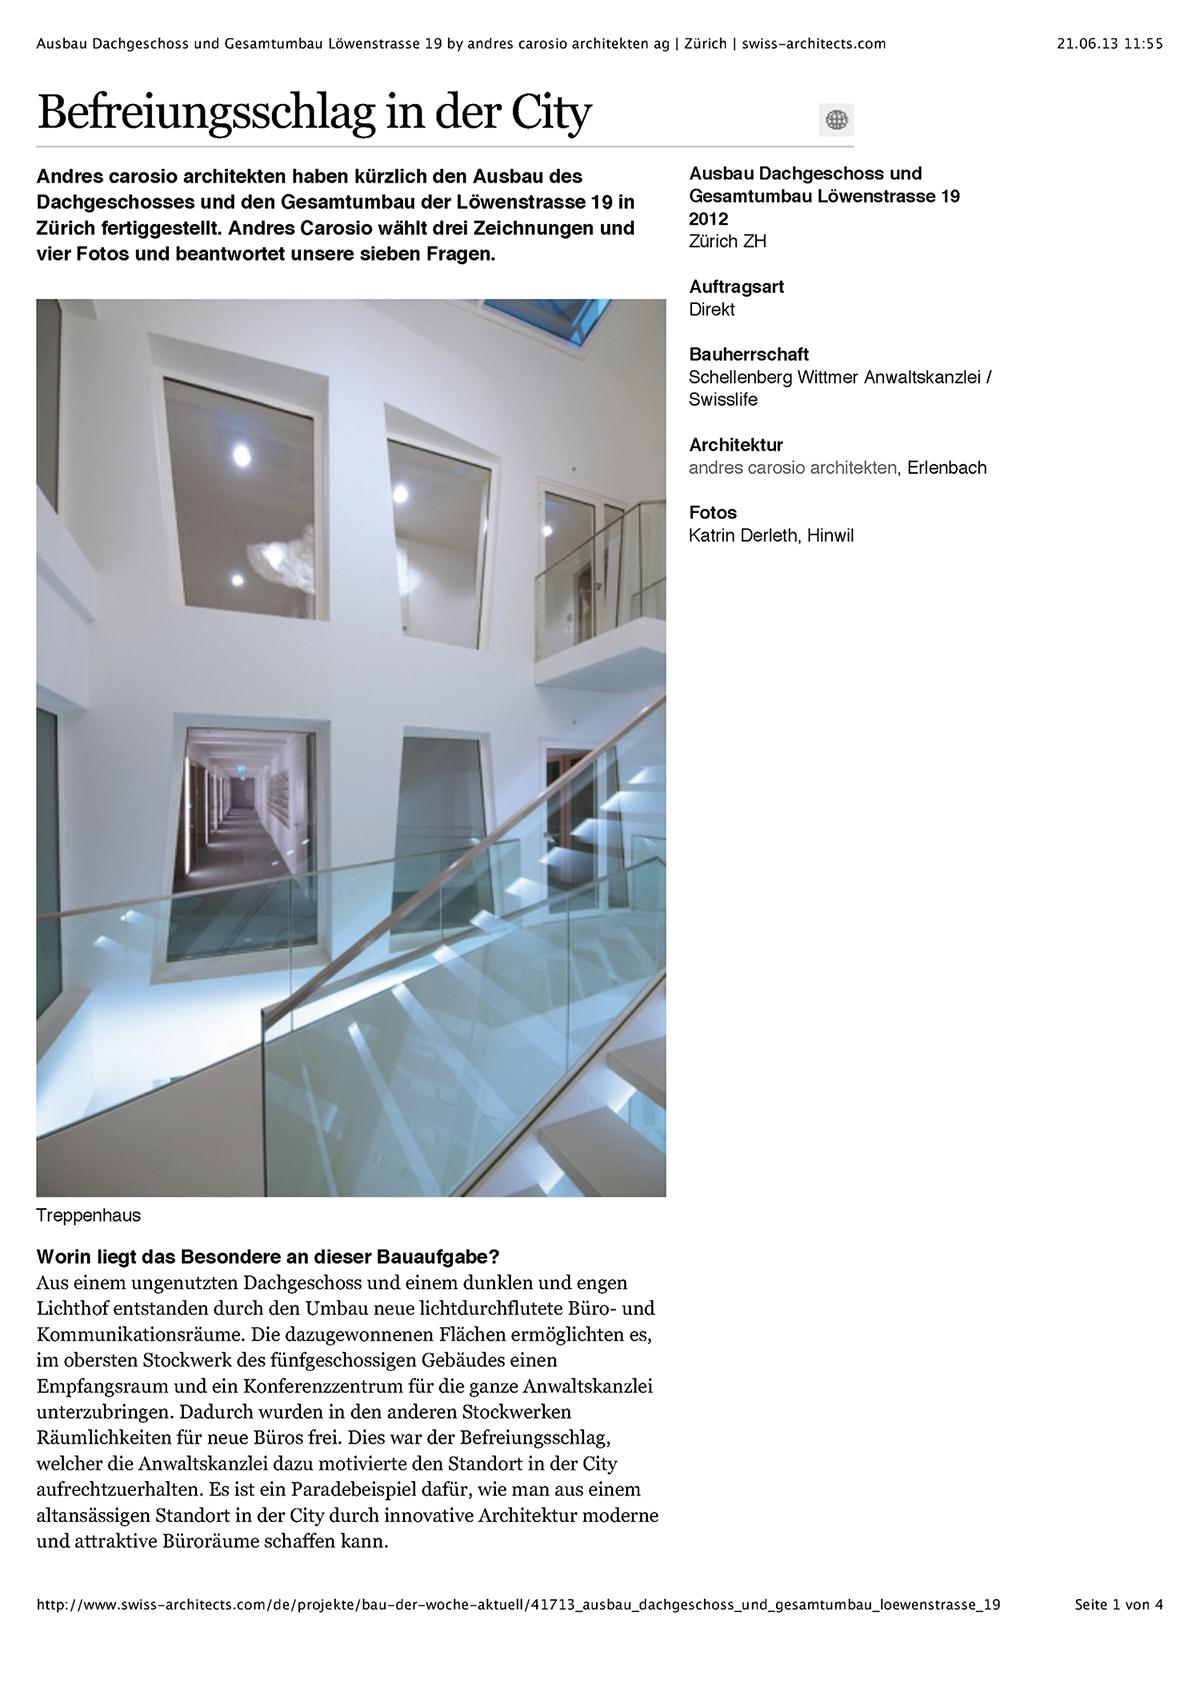 Ausbau-Dachgeschoss-und-Gesamtumbau-Loewenstrasse-19-by-andres-carosio-architekten-ag--Zuerich--swiss-architects.com_Seite_1